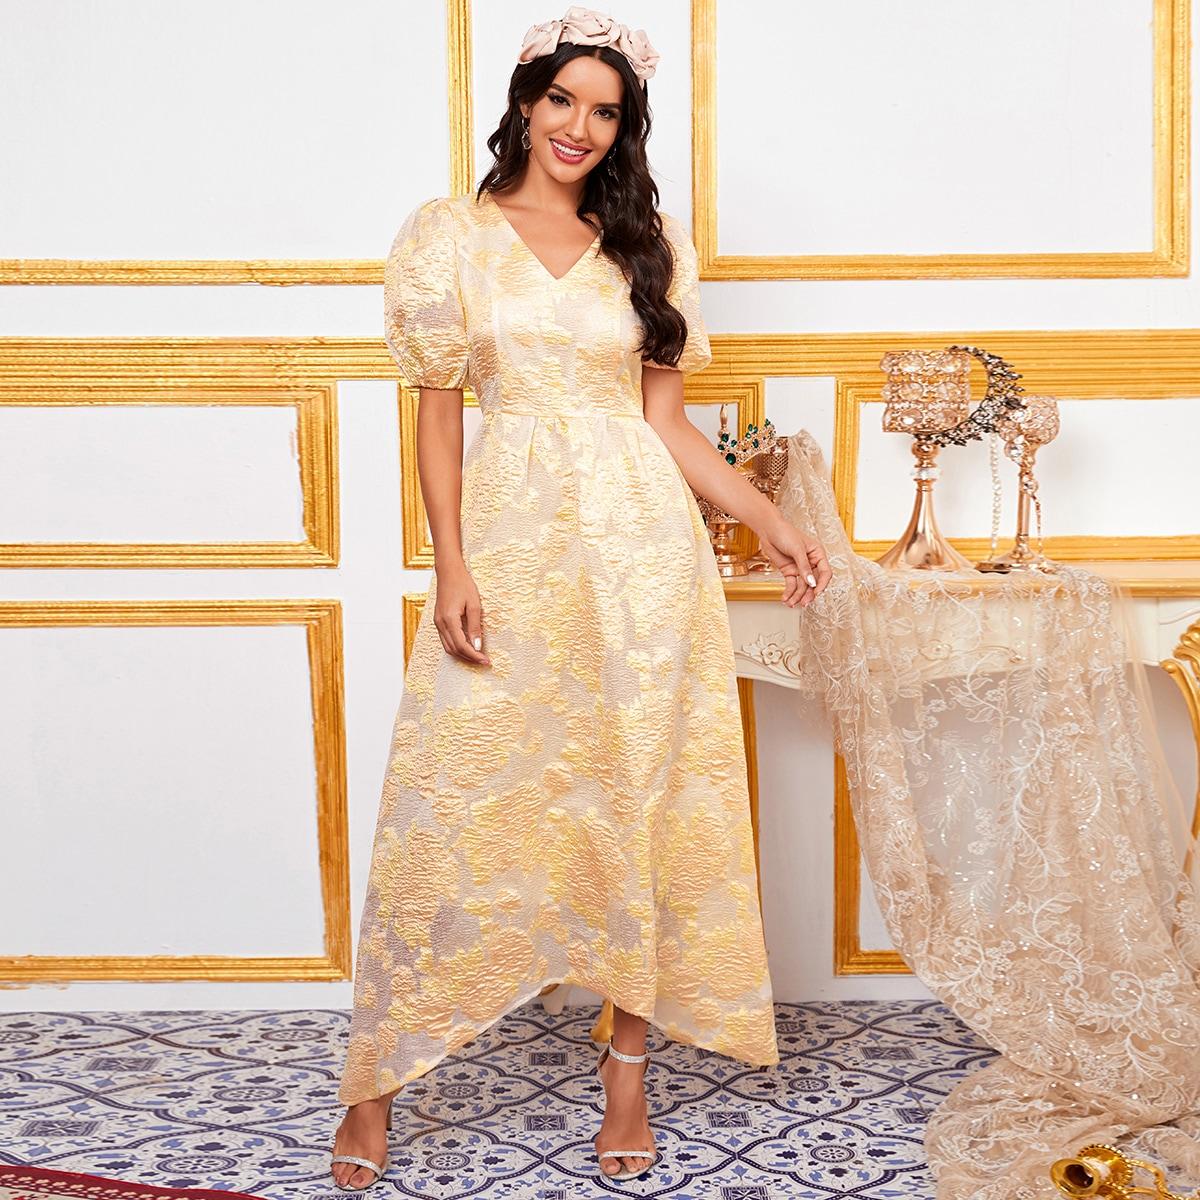 Жёлтые Одноцветный Очаровательный Платья фото